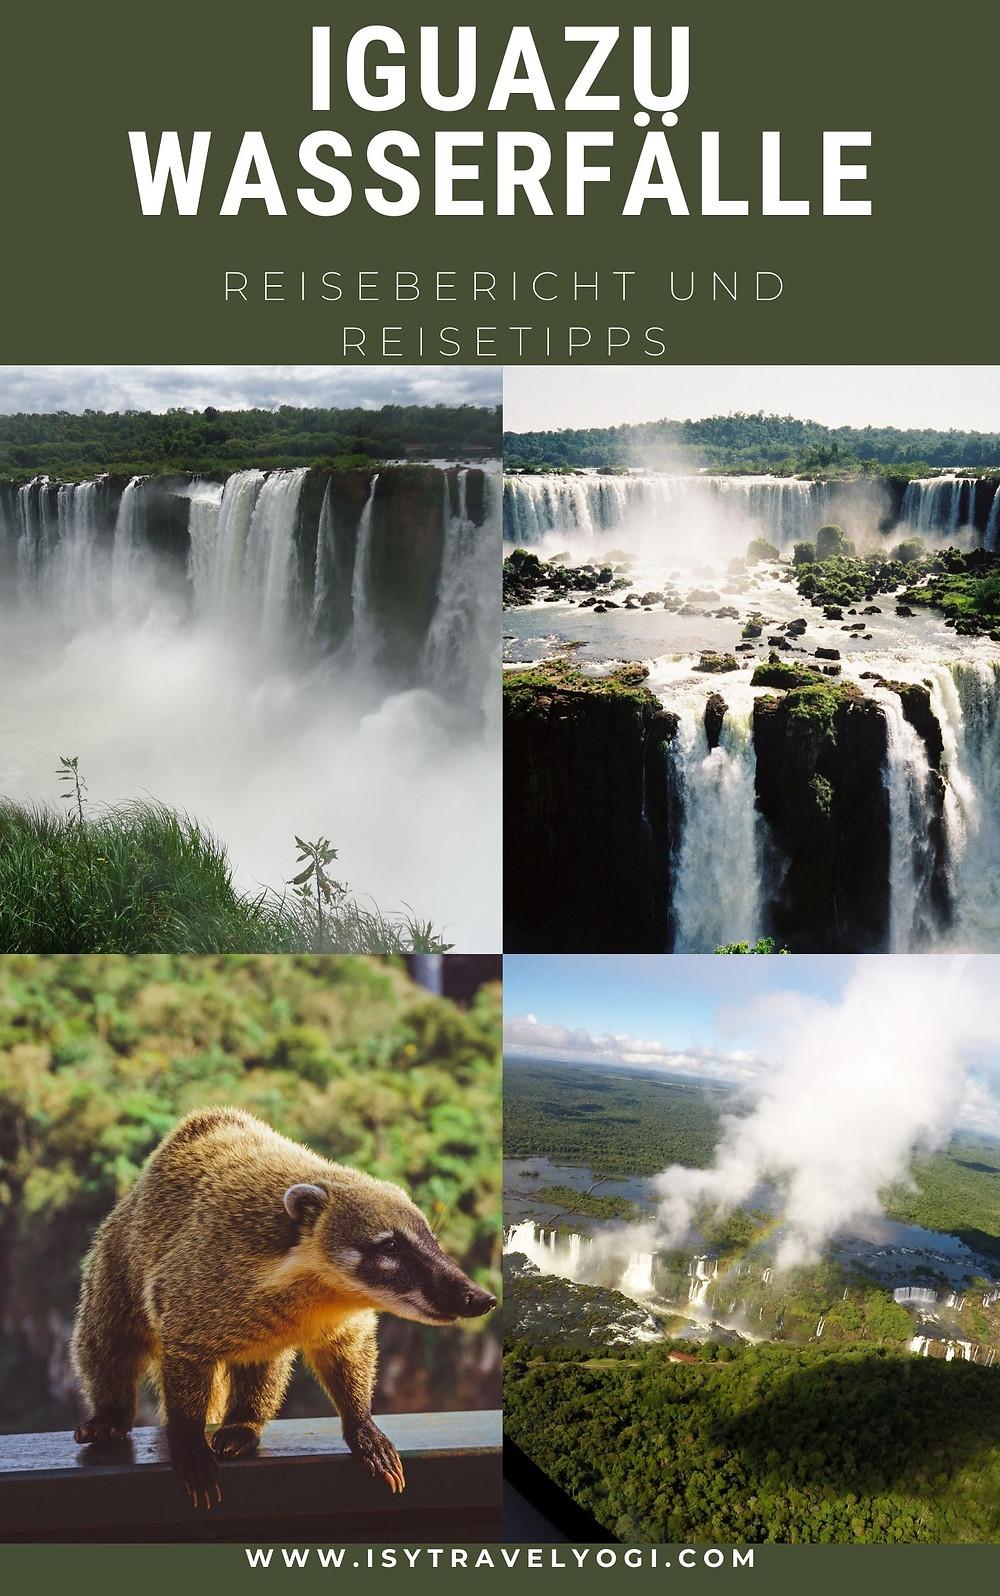 Iguazu-wasserfälle-Reisebericht-Reisetipps-Erfahrungen